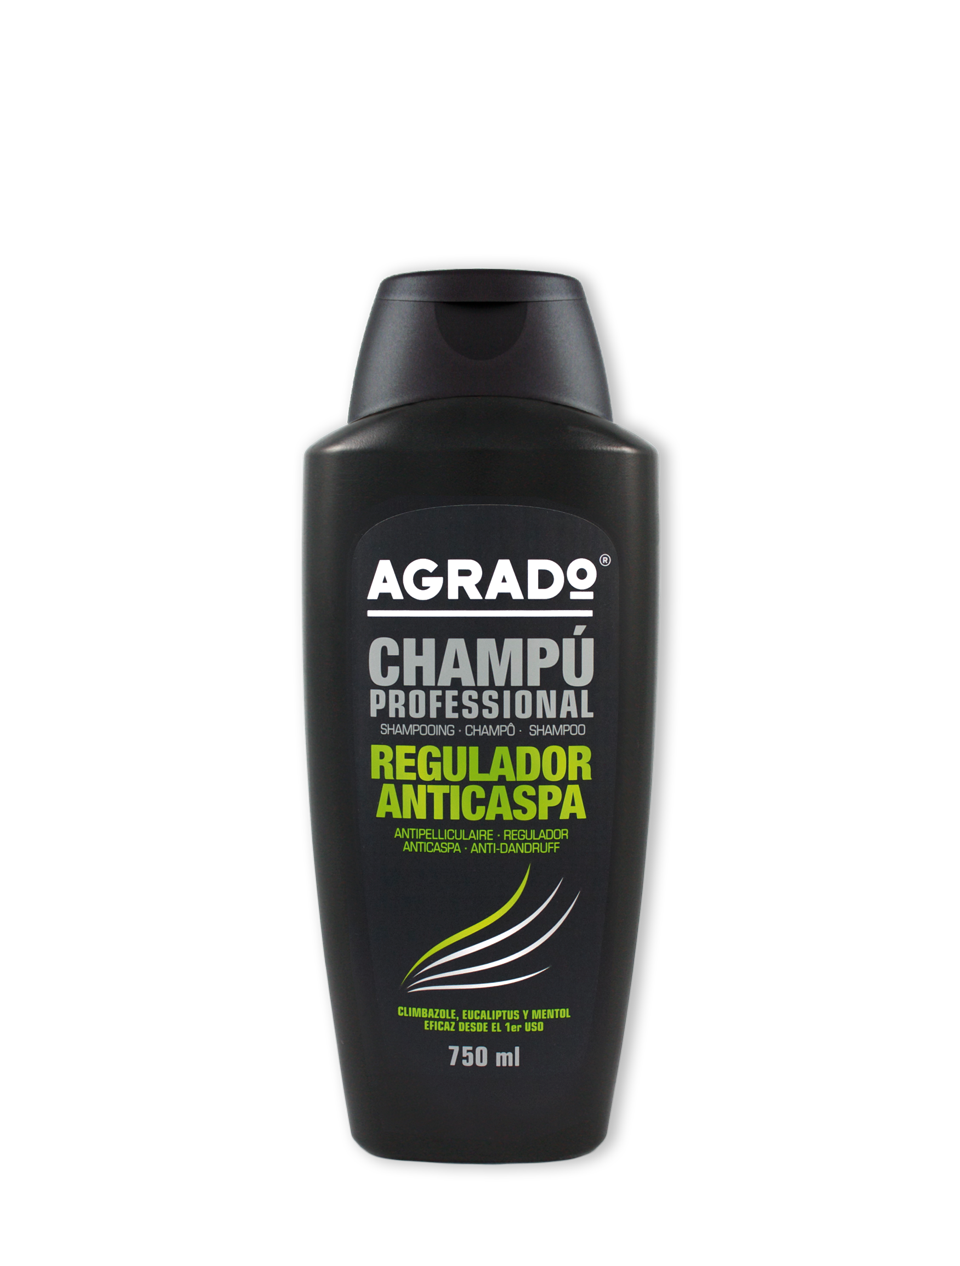 champu-professional-anticaspa-agrado-4884